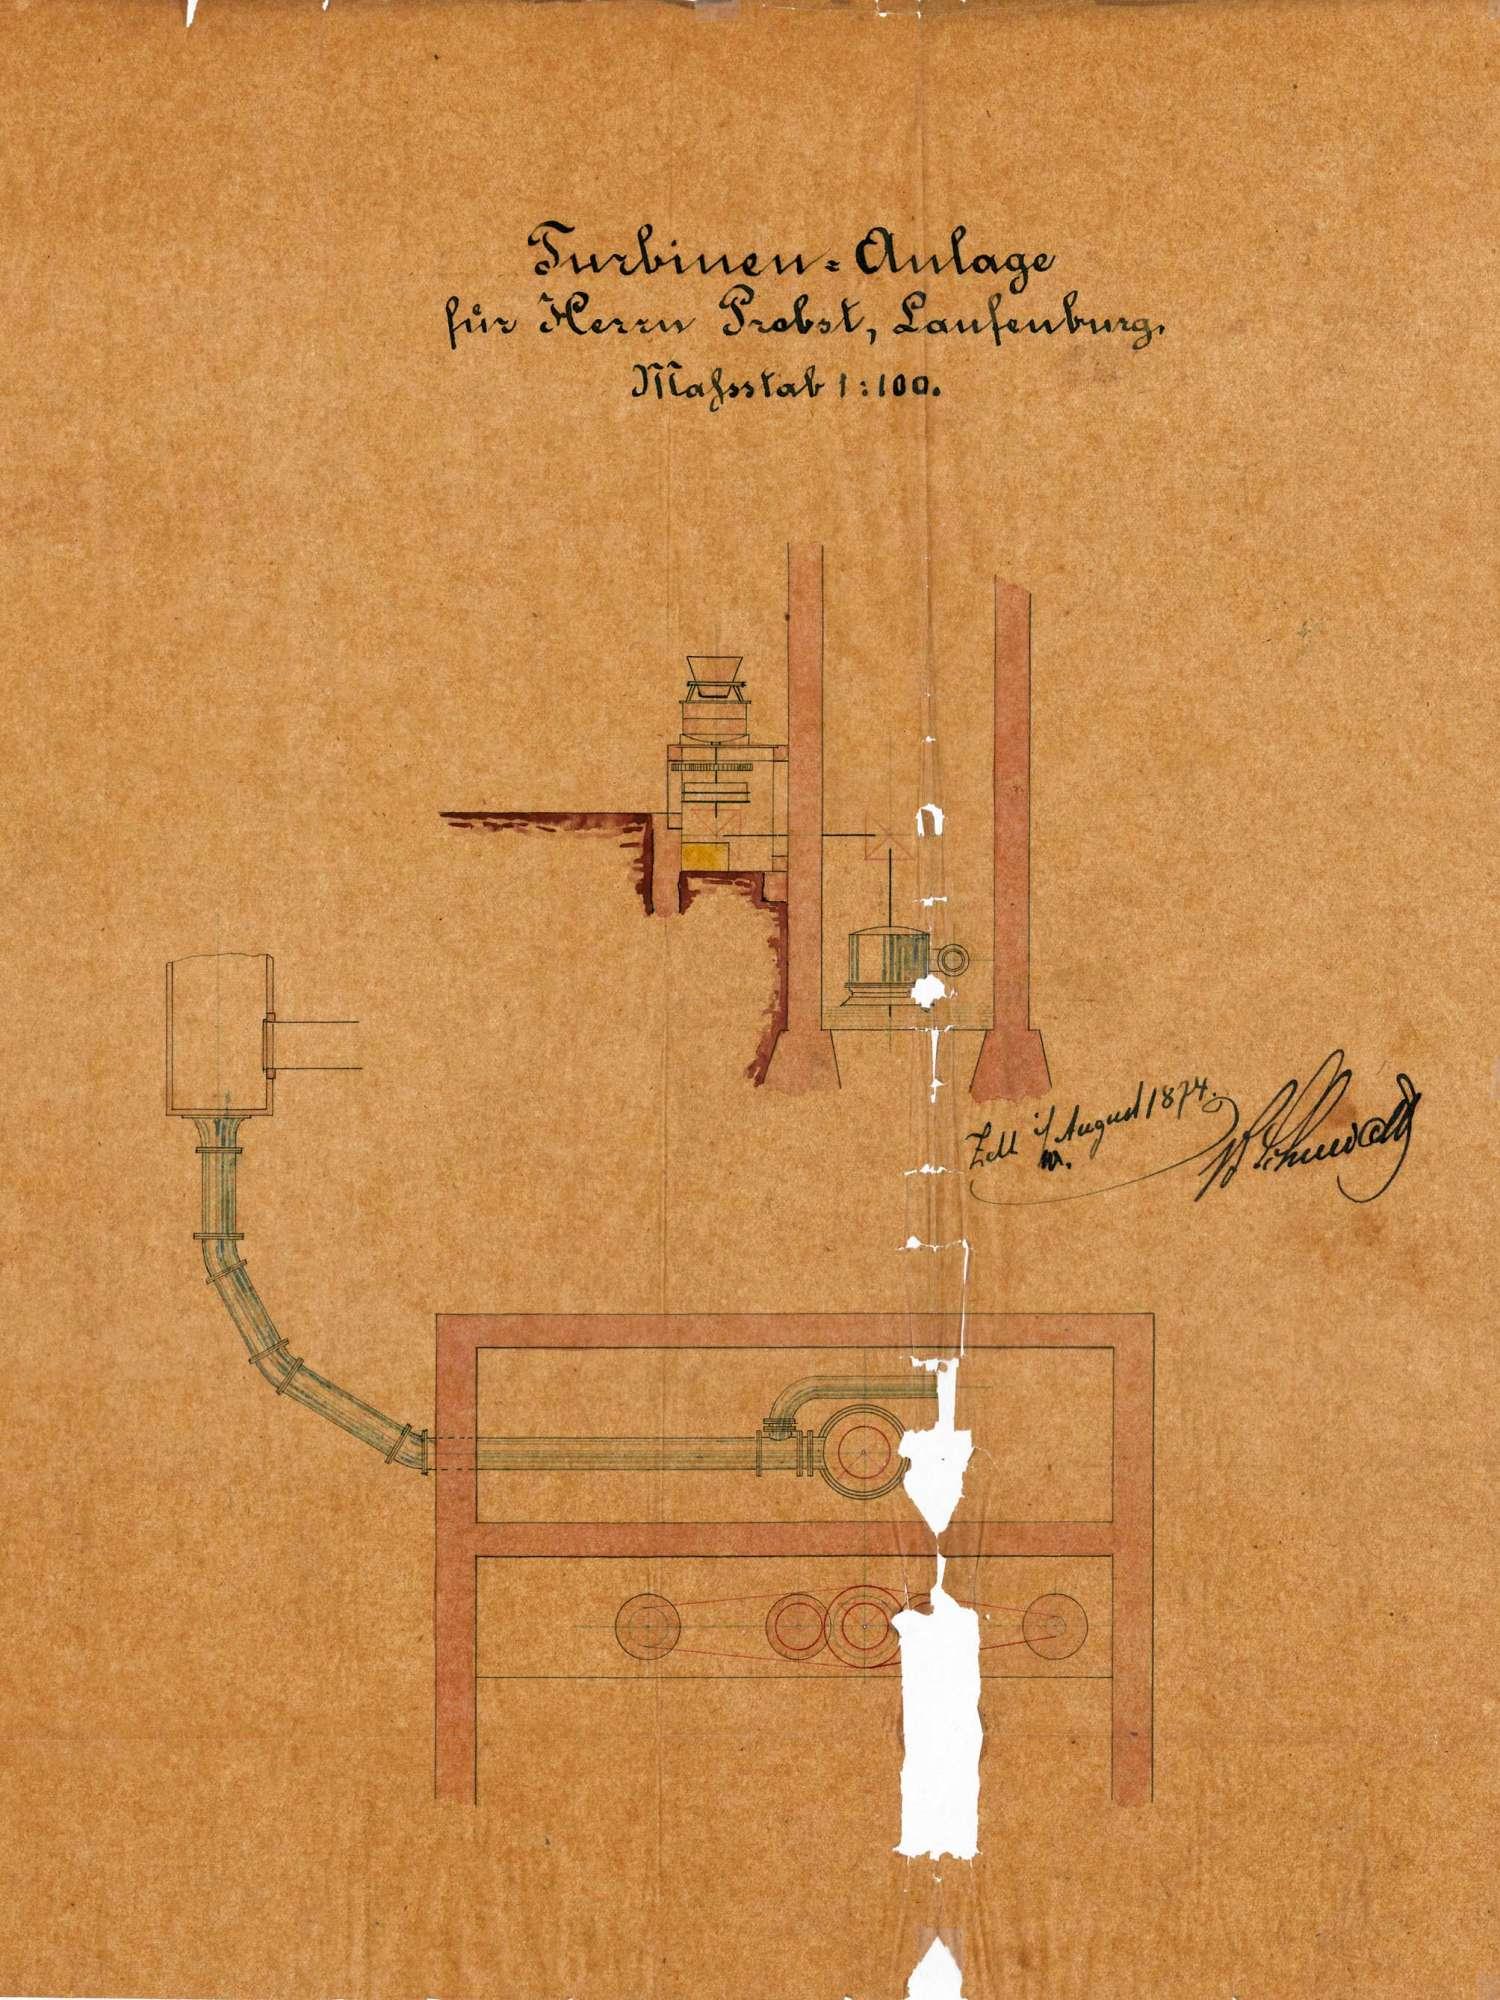 Einbau einer Turbine in der Mühle des Franz Josef Probst in Kleinlaufenburg, Bild 1